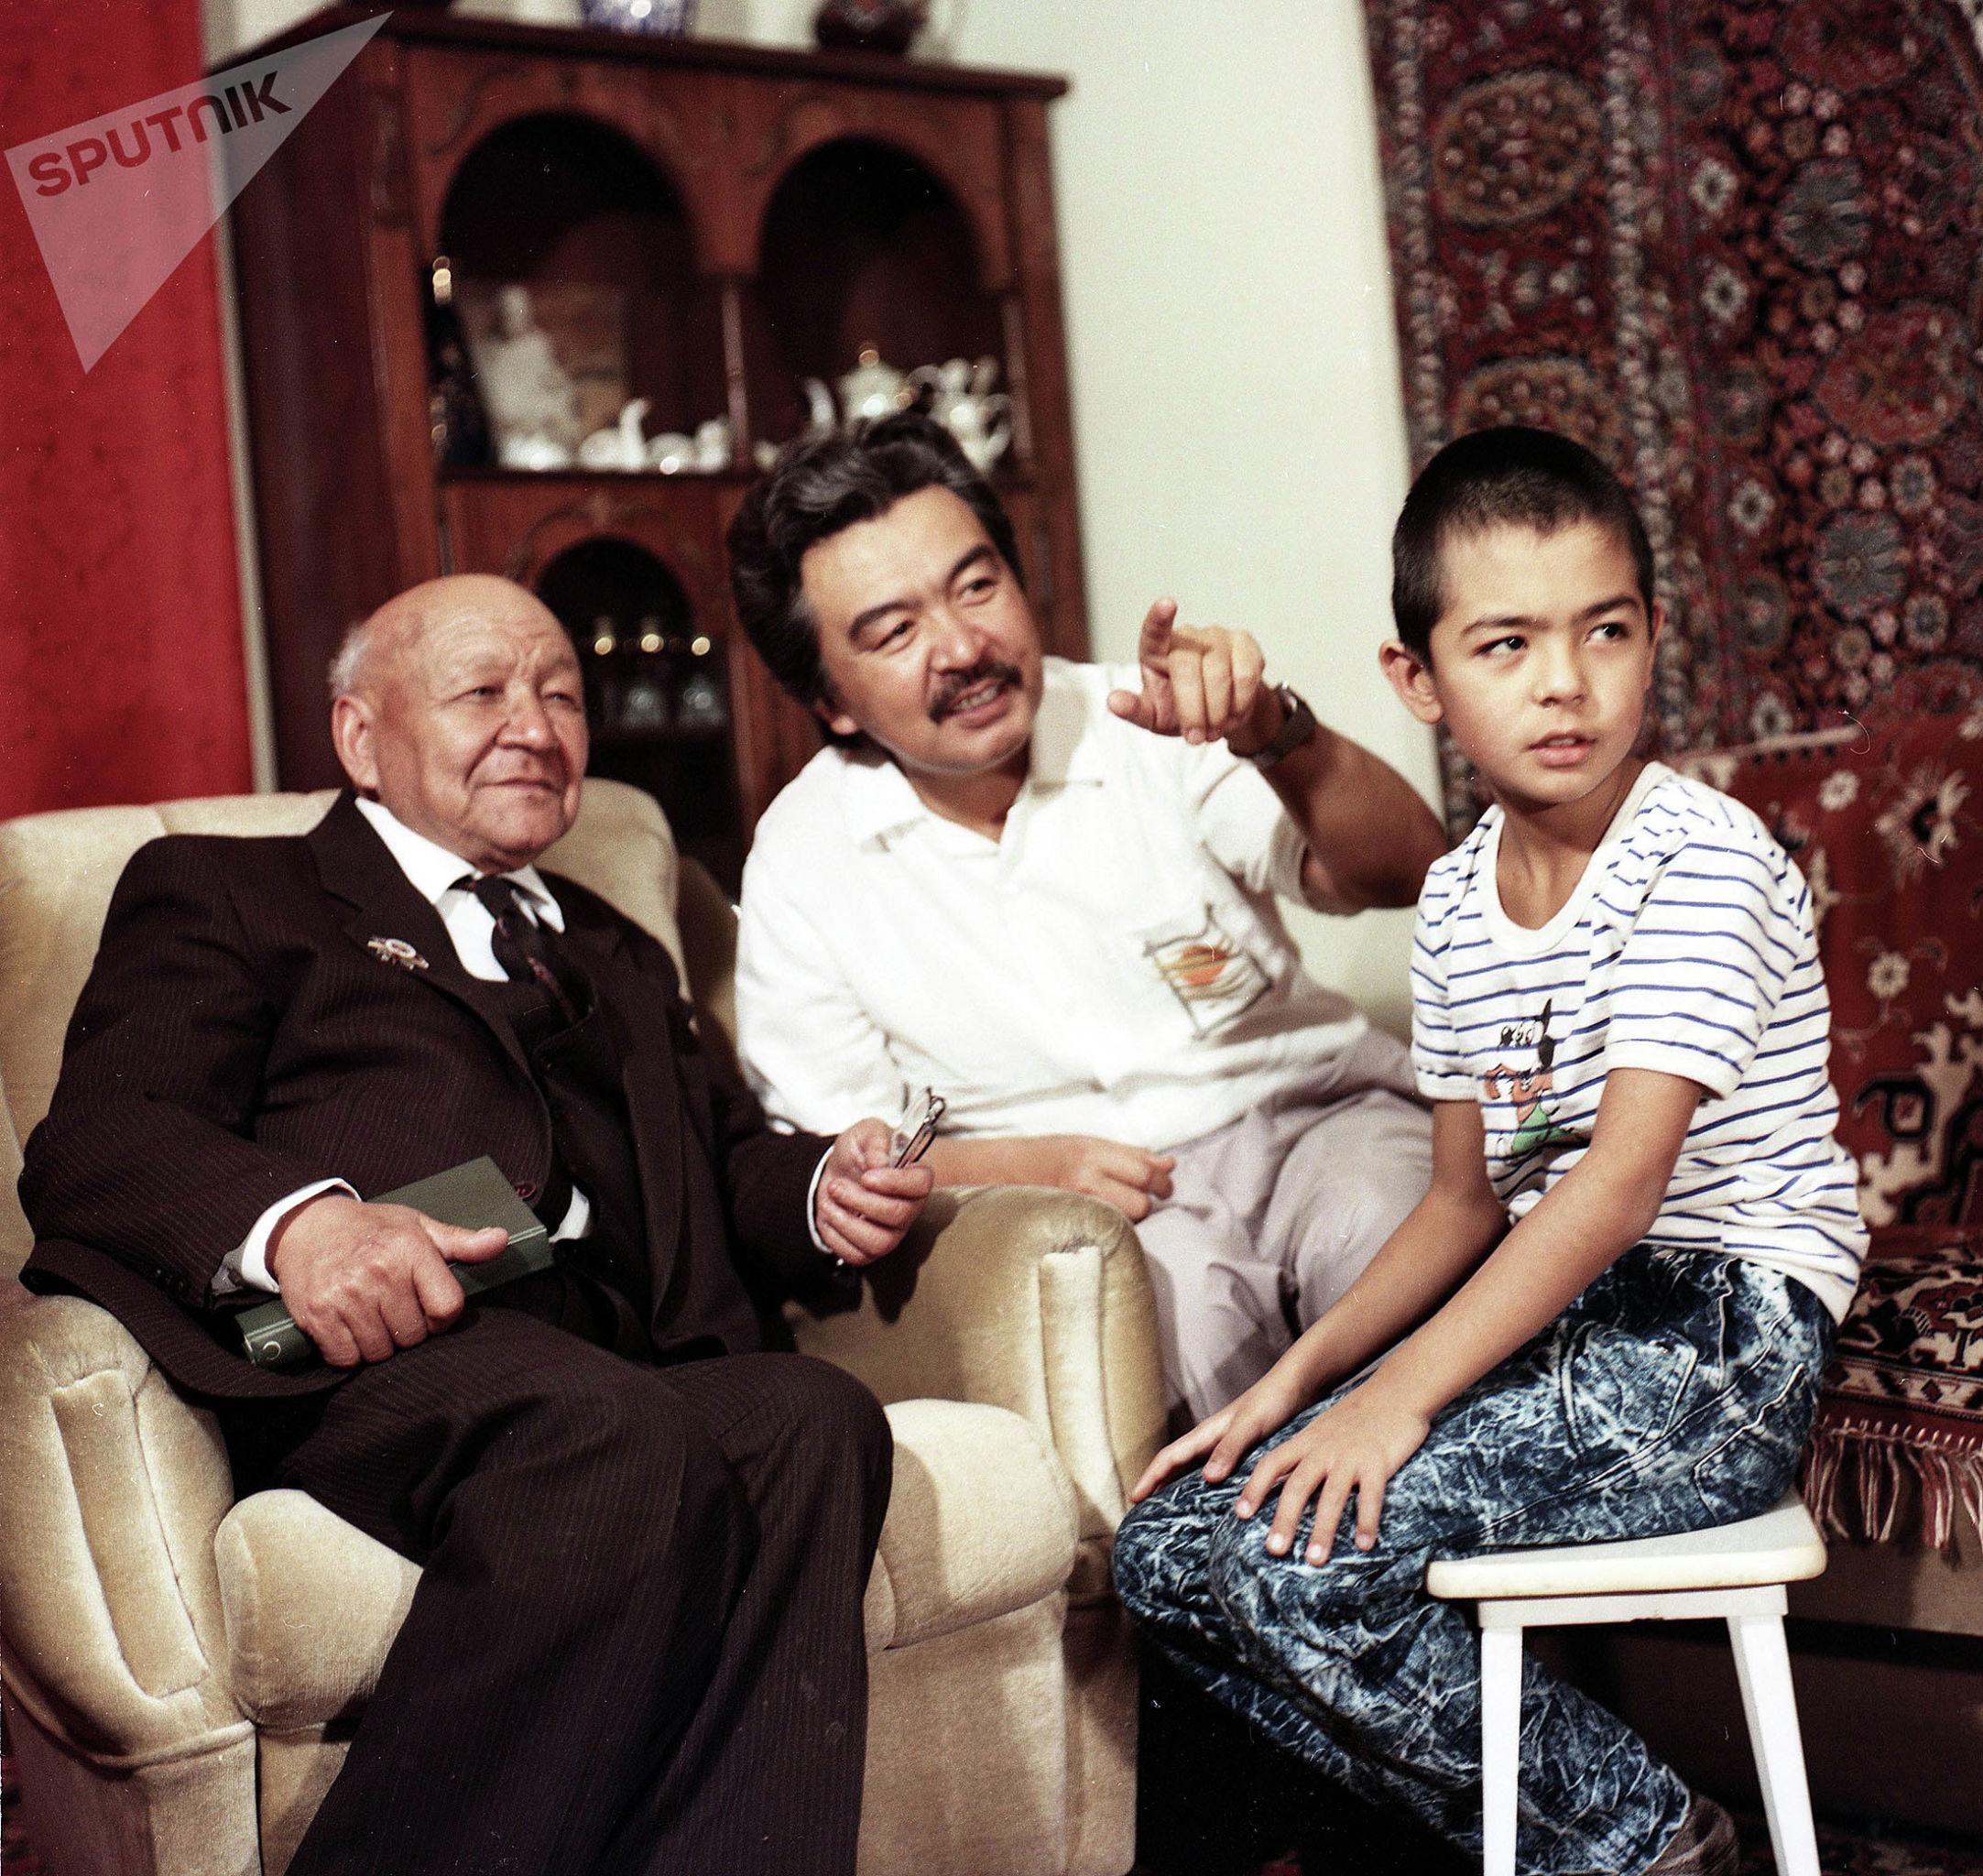 Известный акын, журналист Толон Шамшиев с сыном Народным артистом КР, режиссером Болотом Шамшиевым и с внуком экомонистом, ученым Чынгызом Шамшиевым в городе Фрунзе в 1988-году.